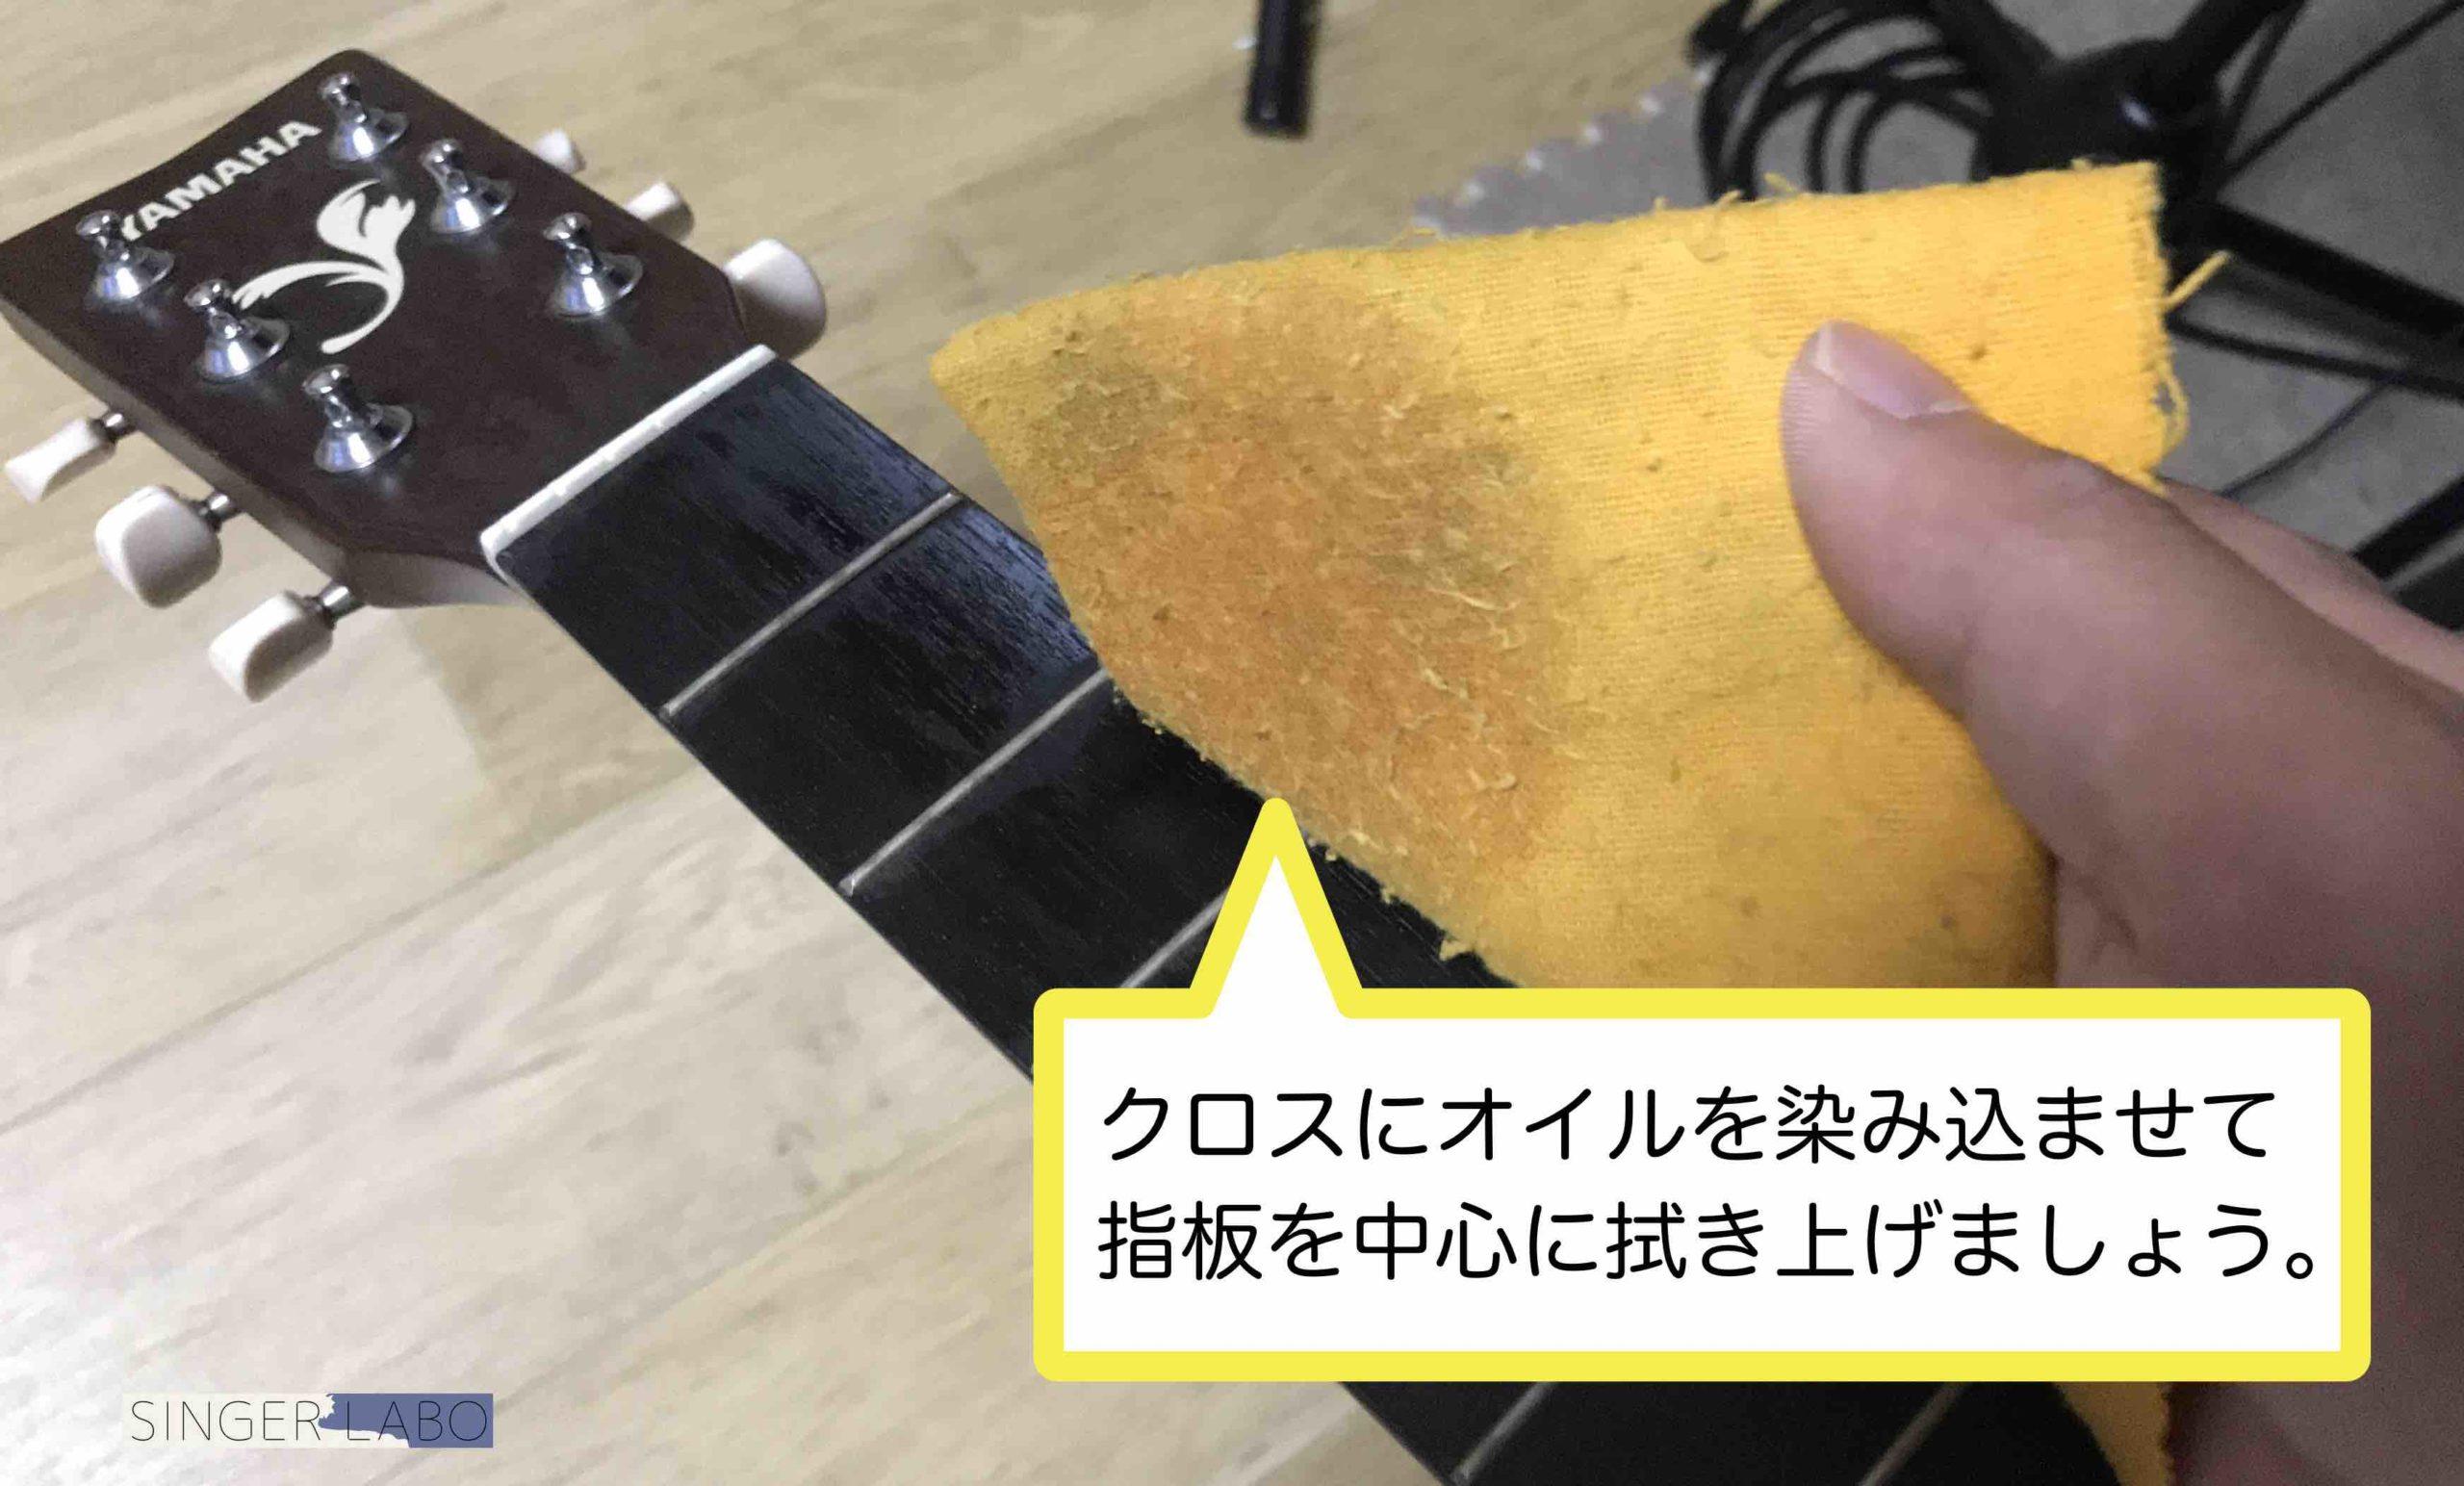 ギター弦交換手順③: ギターを掃除